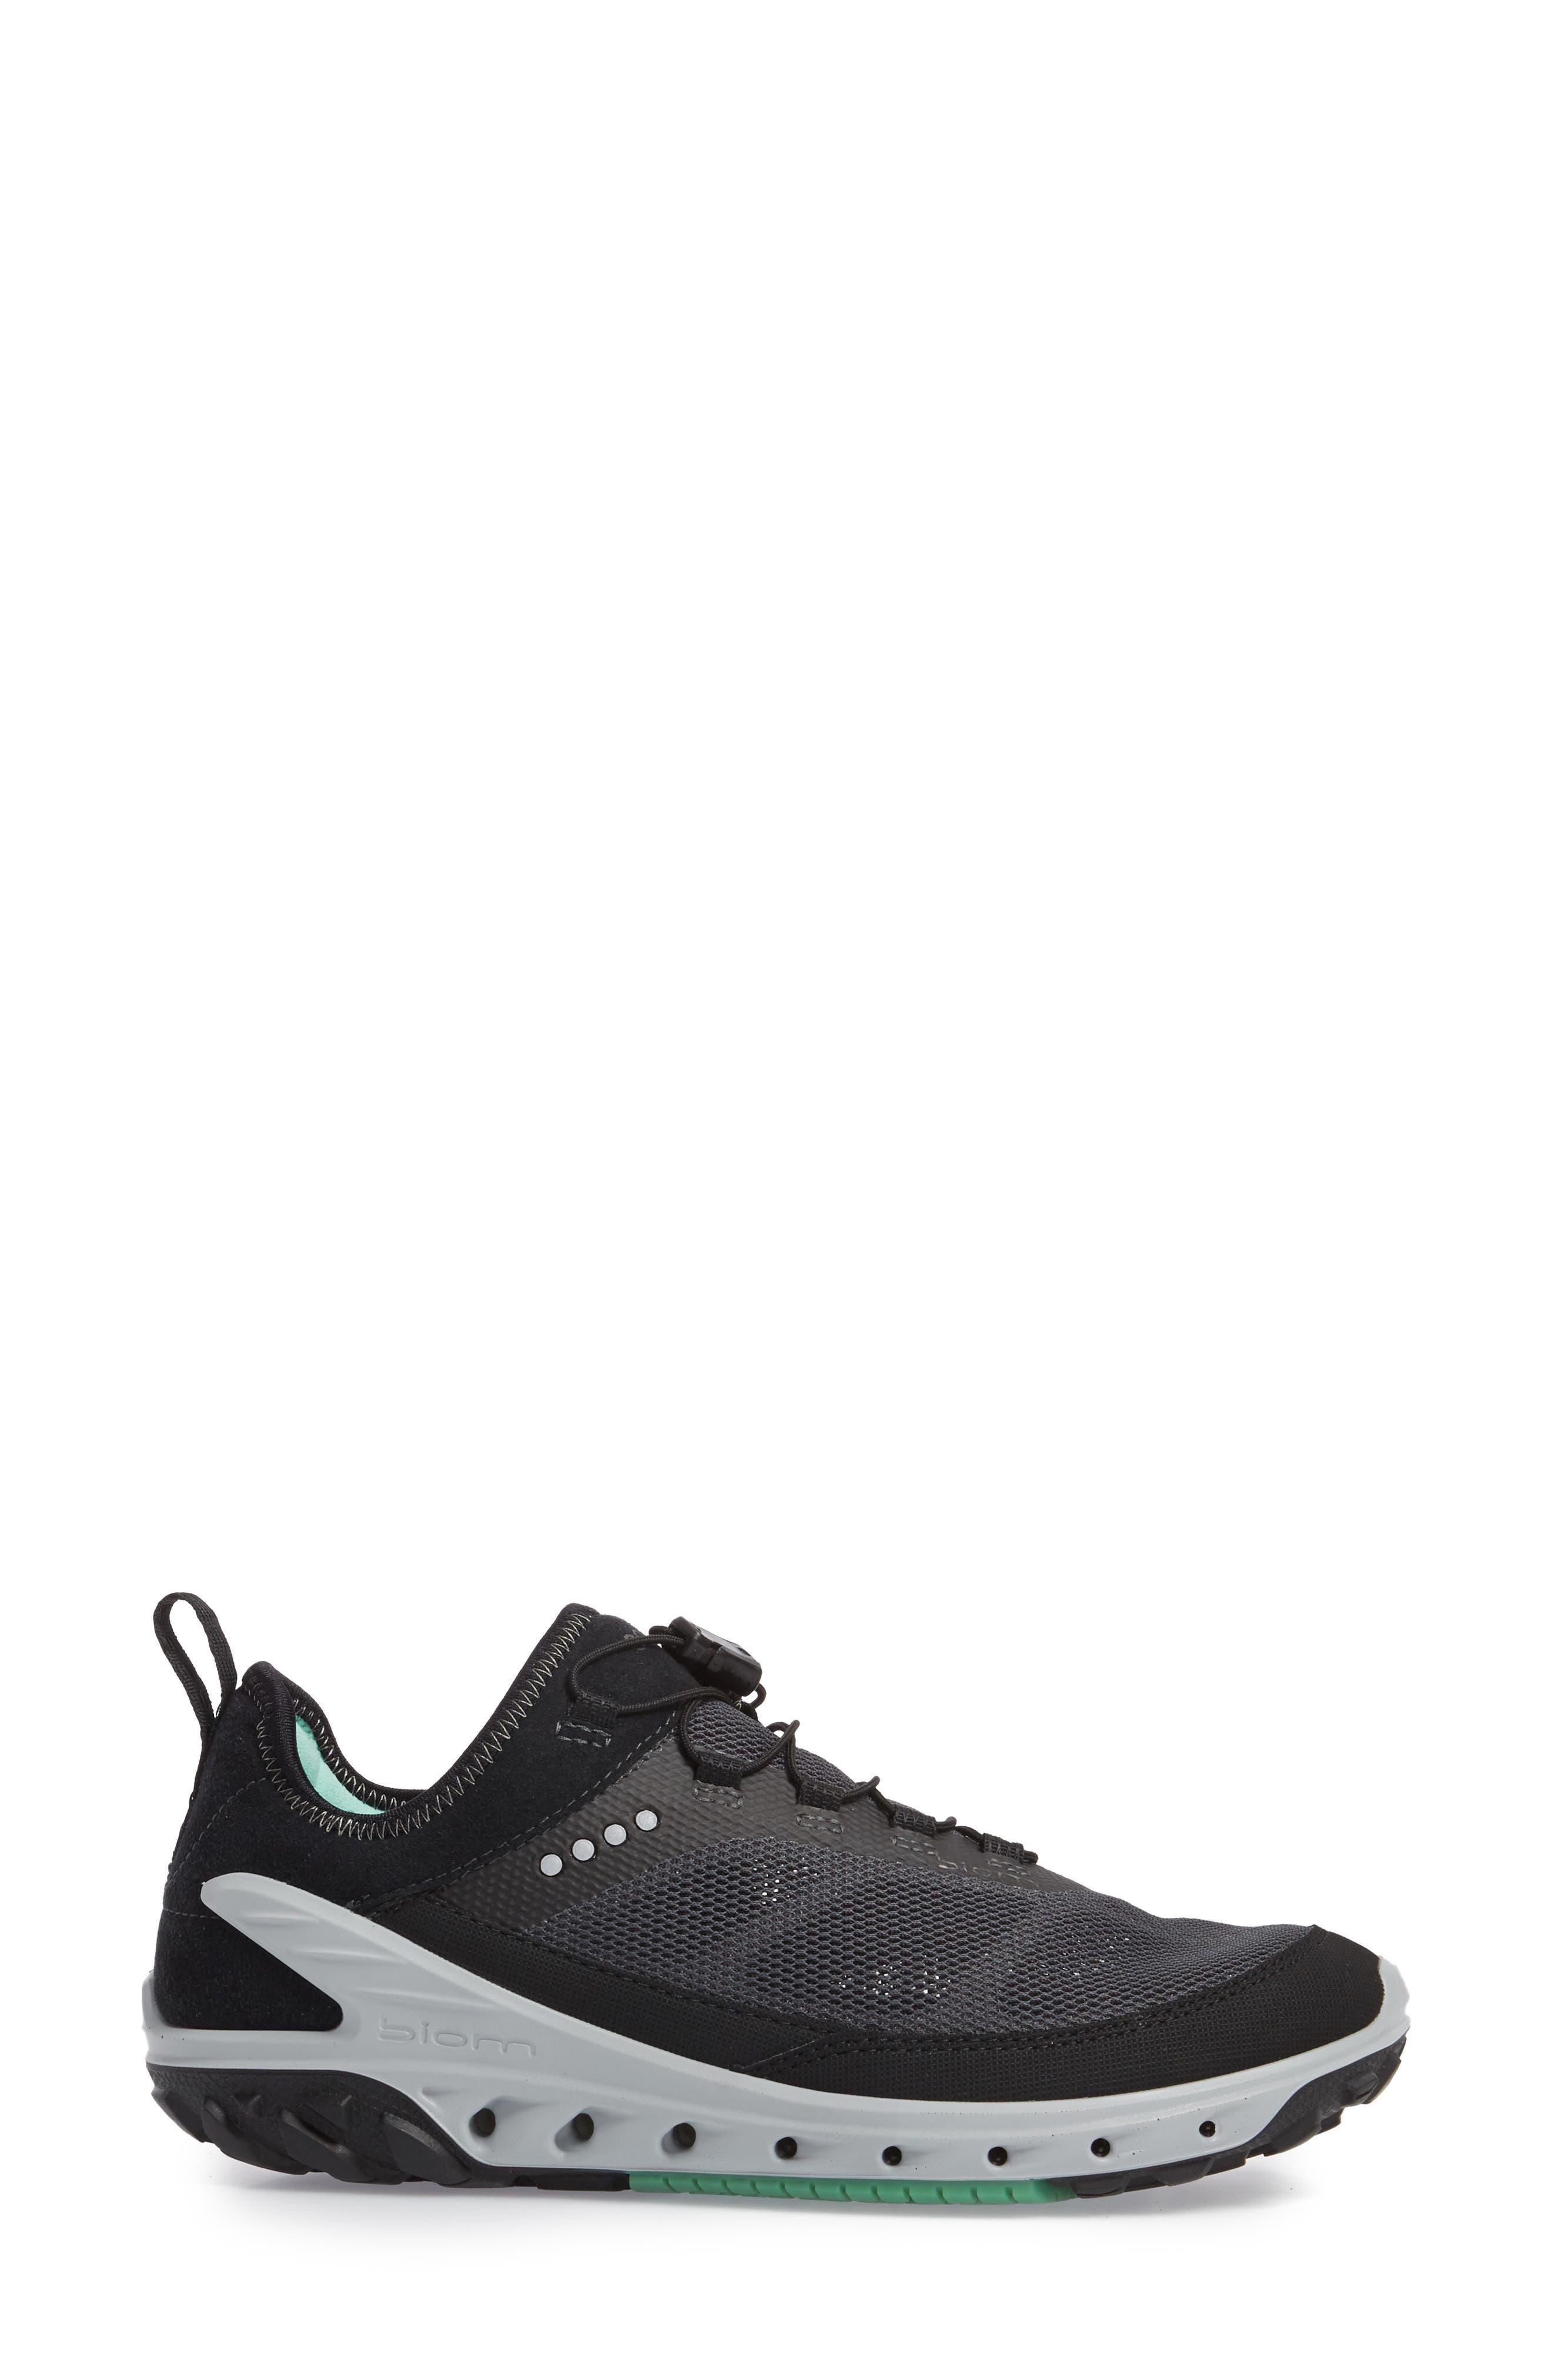 BIOM Venture Sneaker,                             Alternate thumbnail 3, color,